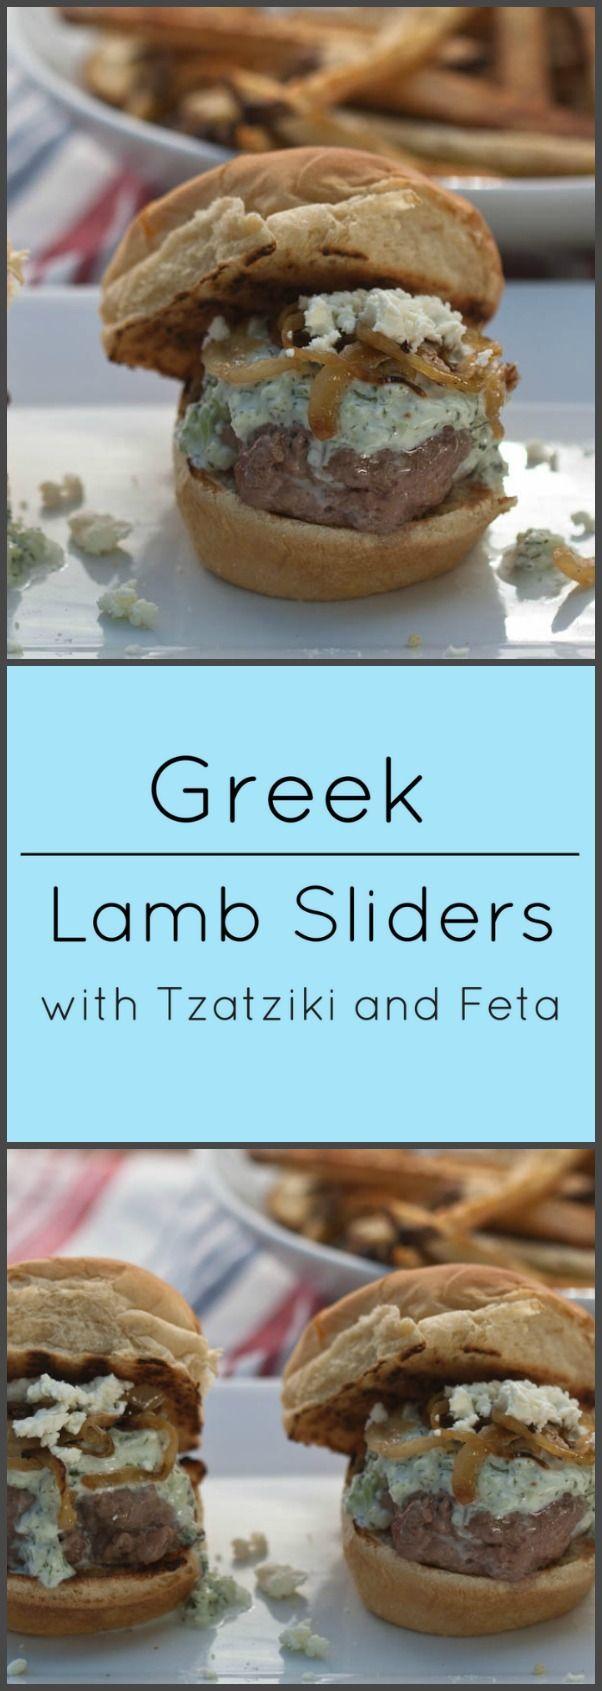 Greek Lamb sliders with tzatziki